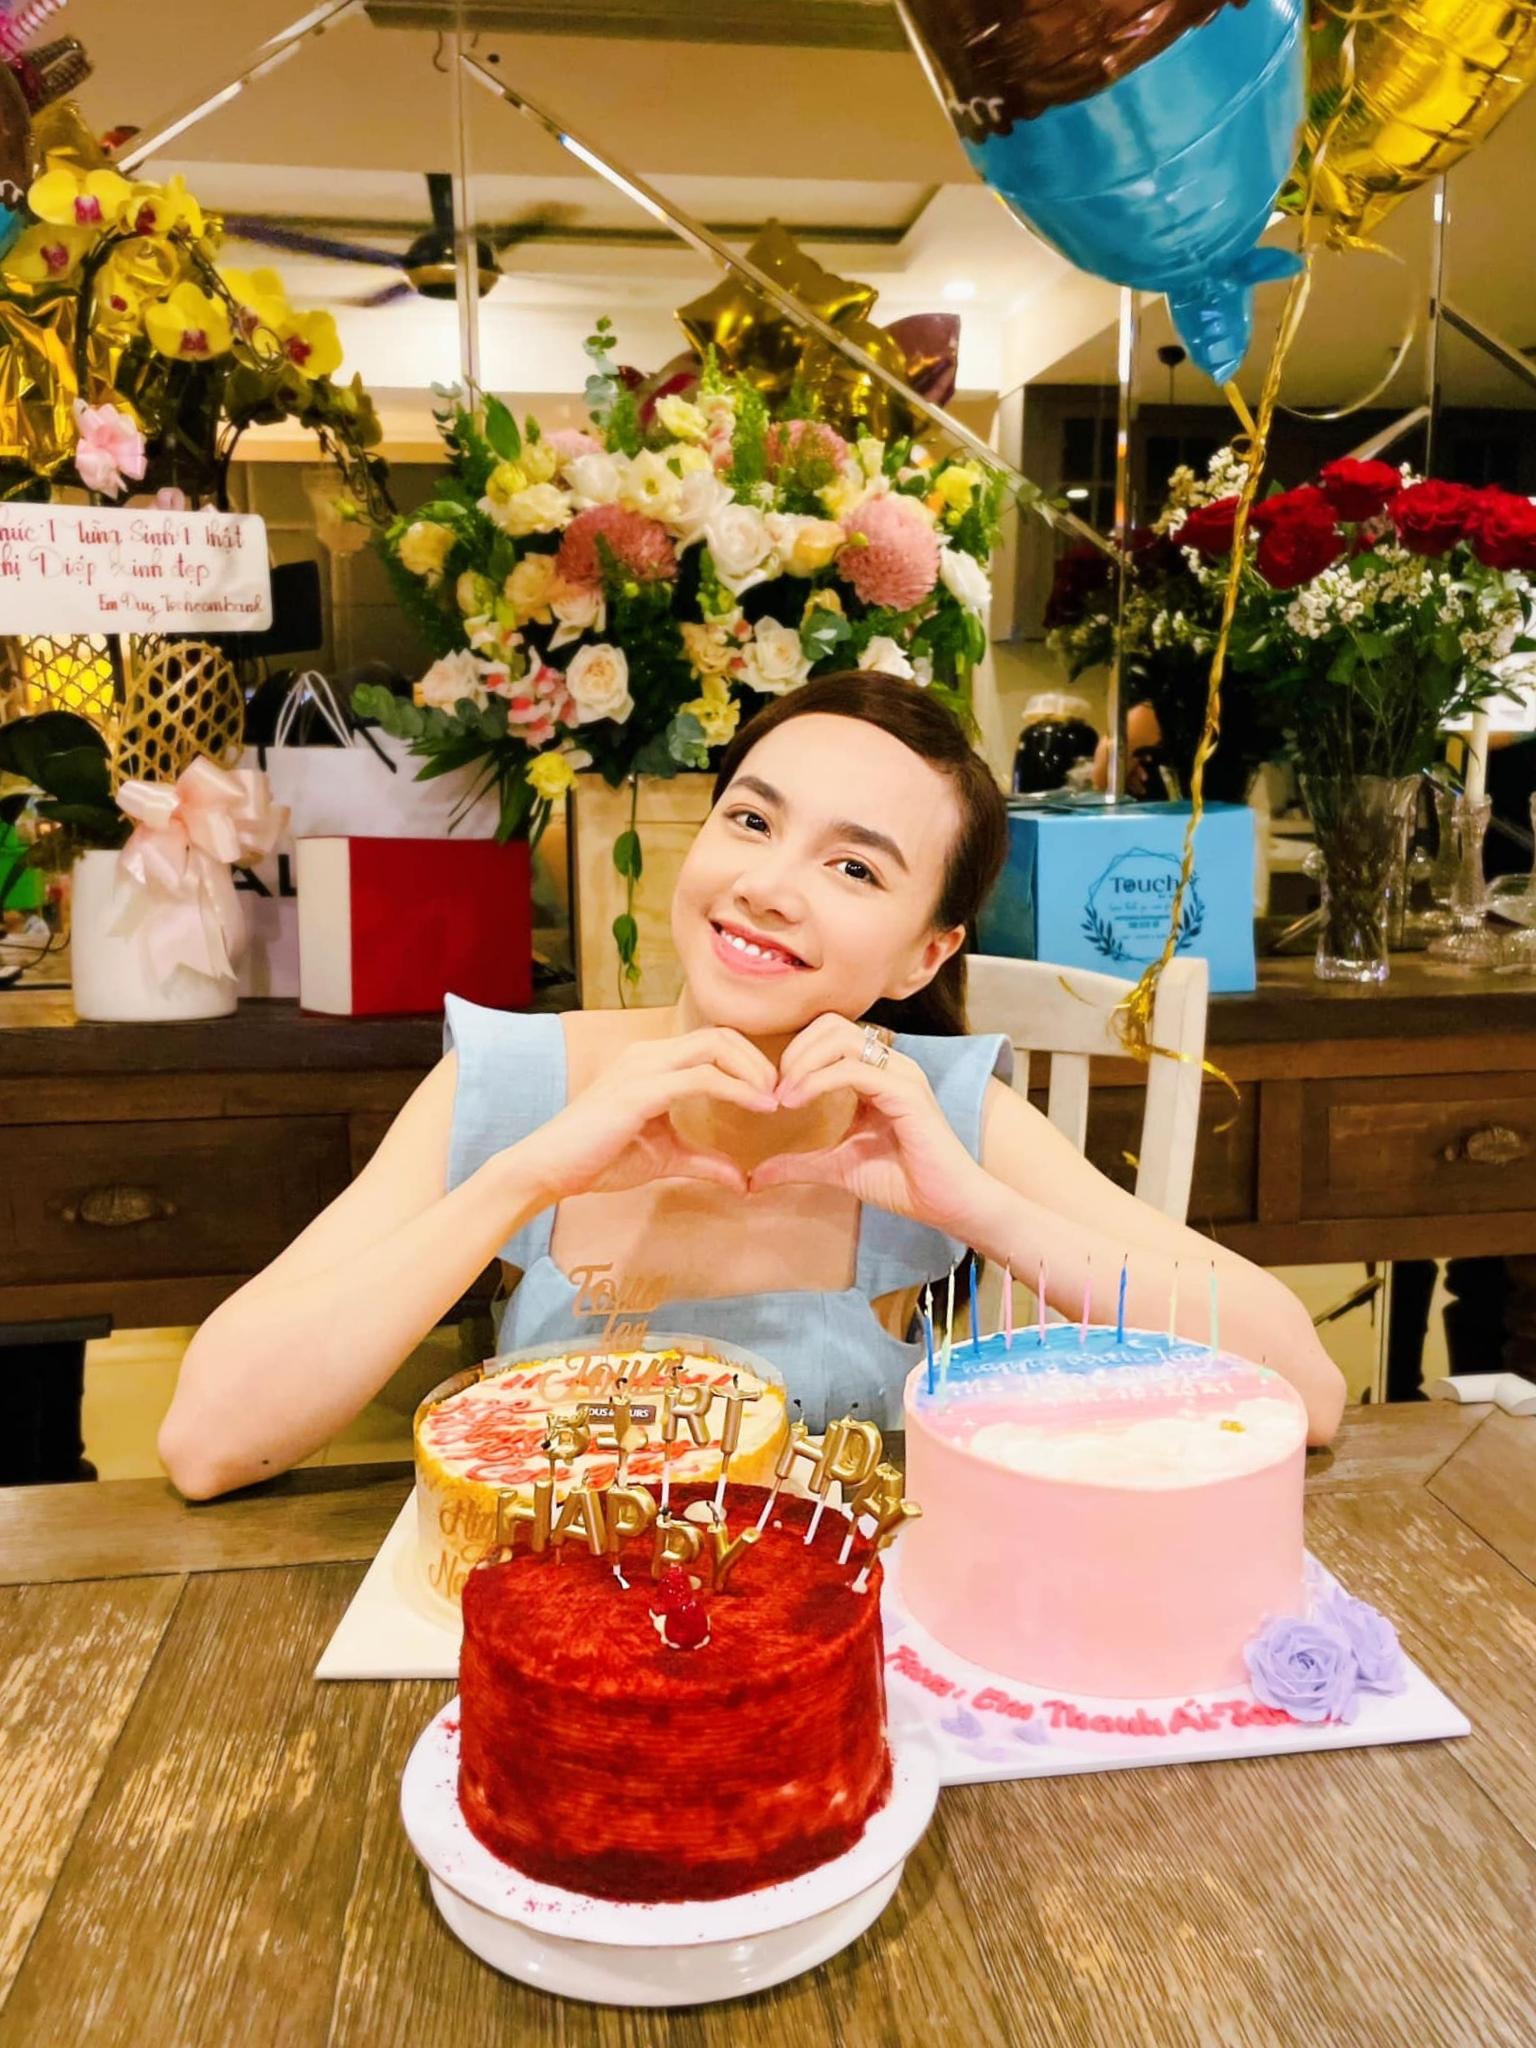 Nữ diễn viên nhận được nhiều bánh kem, hoa do ông xã và bạn bè gửi tặng.